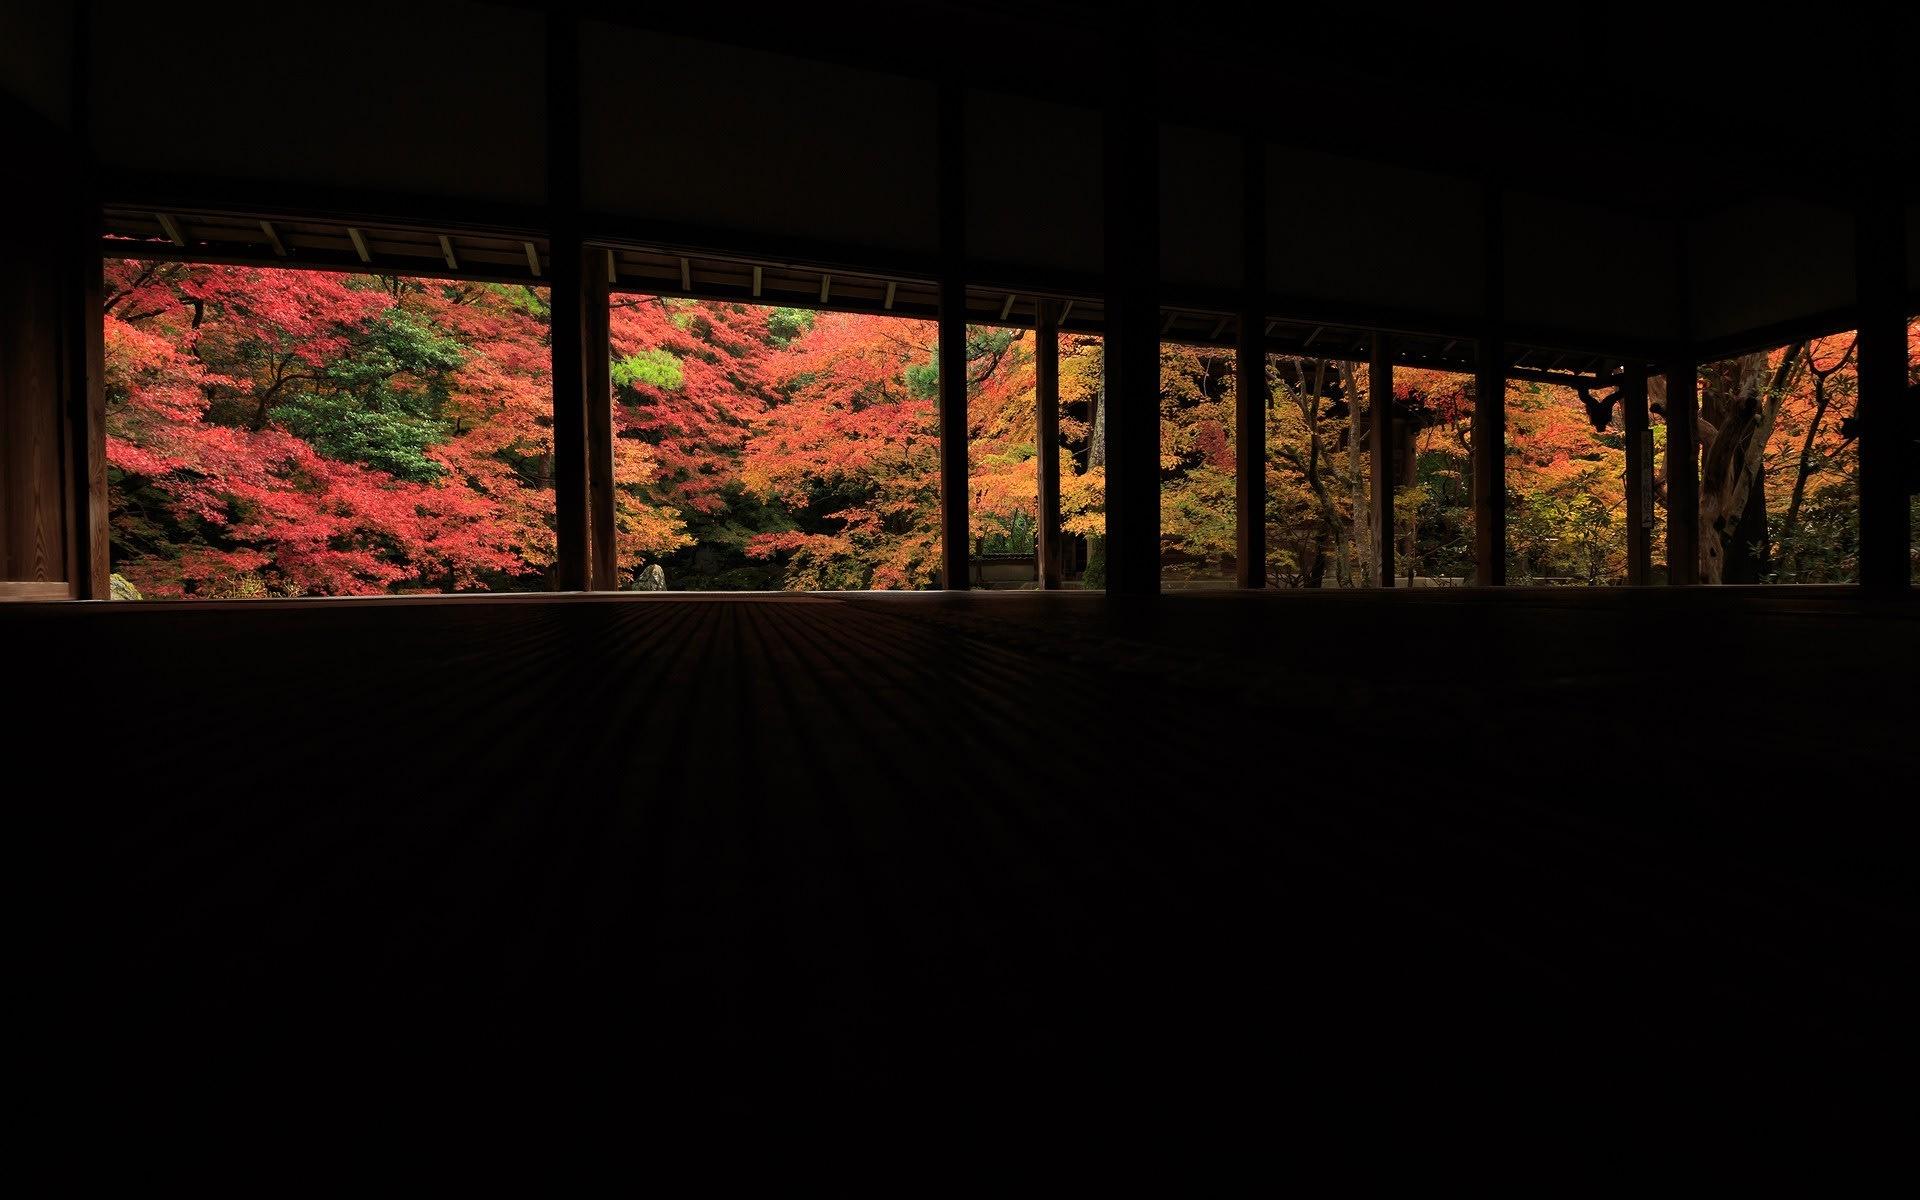 16年紅葉の京都 蓮華寺の壁紙 計24枚 壁紙 日々駄文